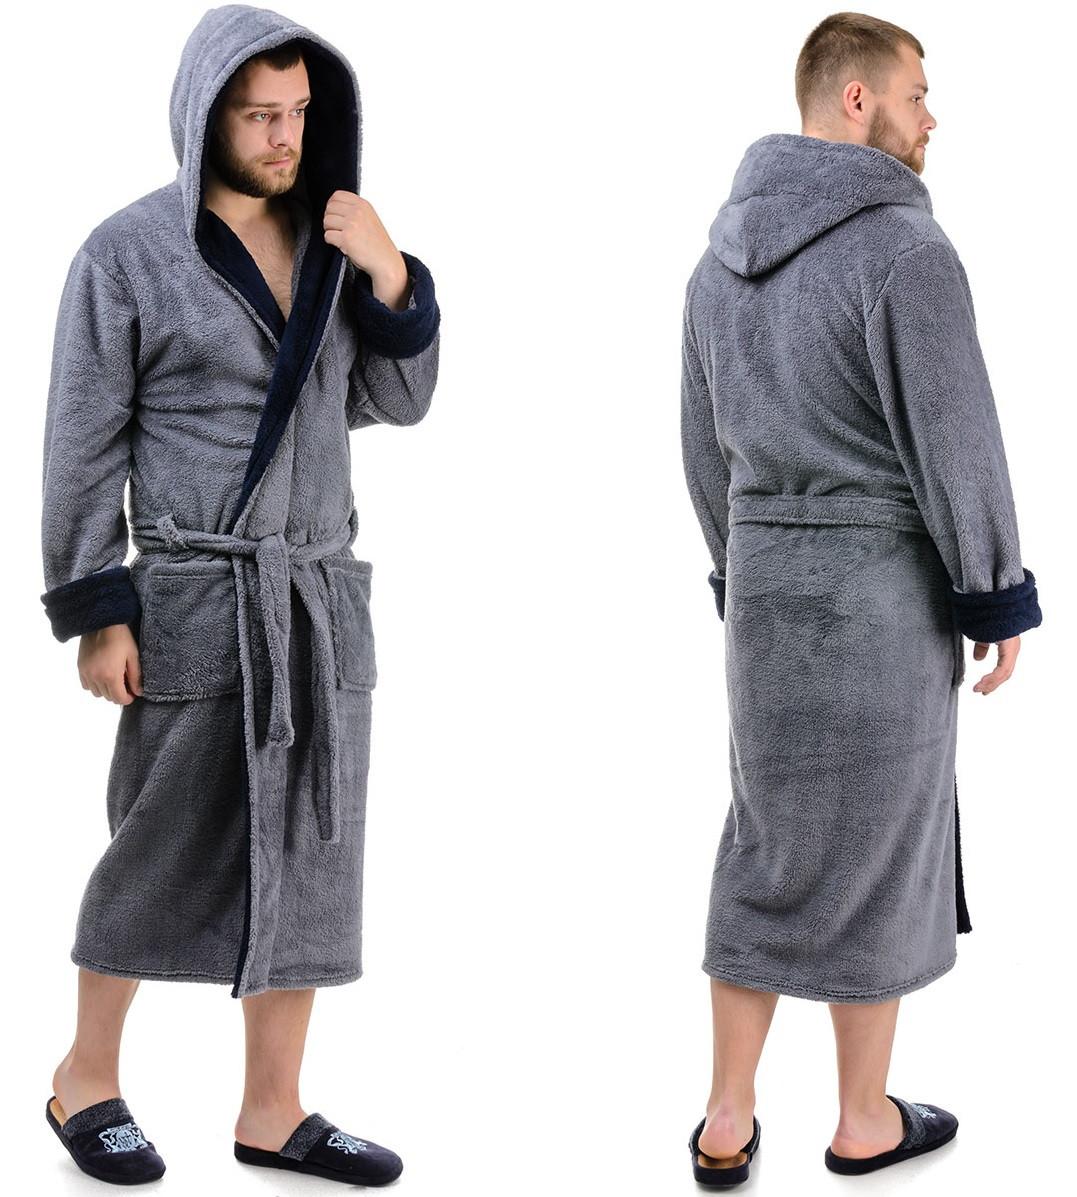 Махровый халат мужской теплый (велсофт) зимний с капюшоном